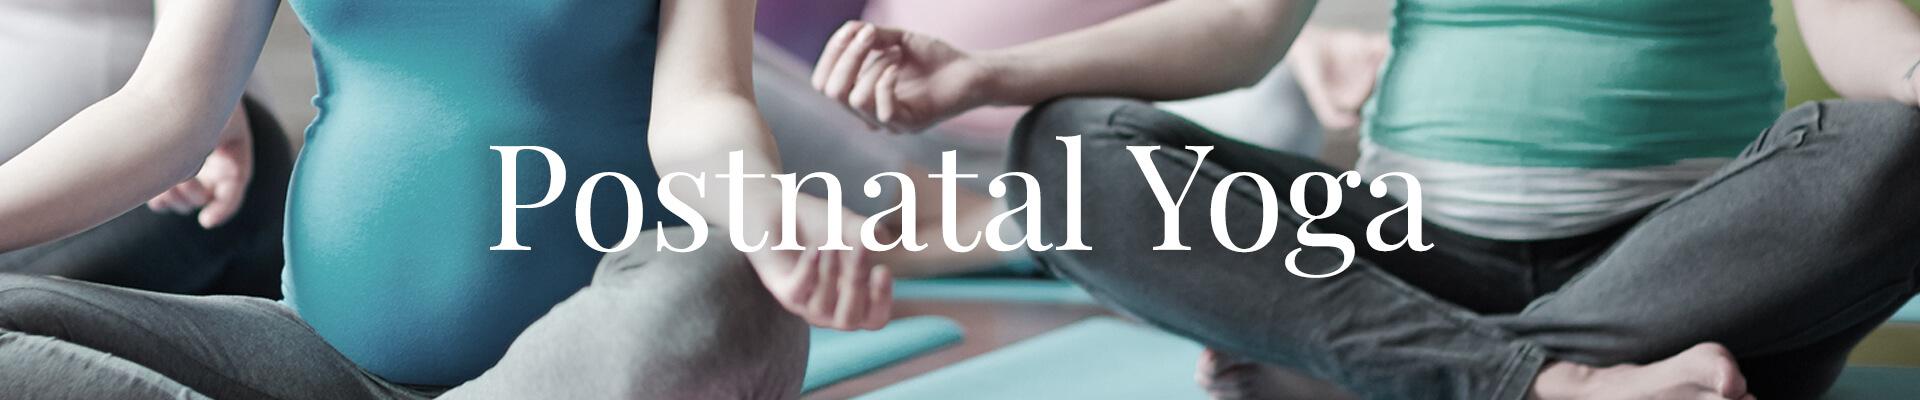 Postnatal-Yoga-Buds-and-Blossom